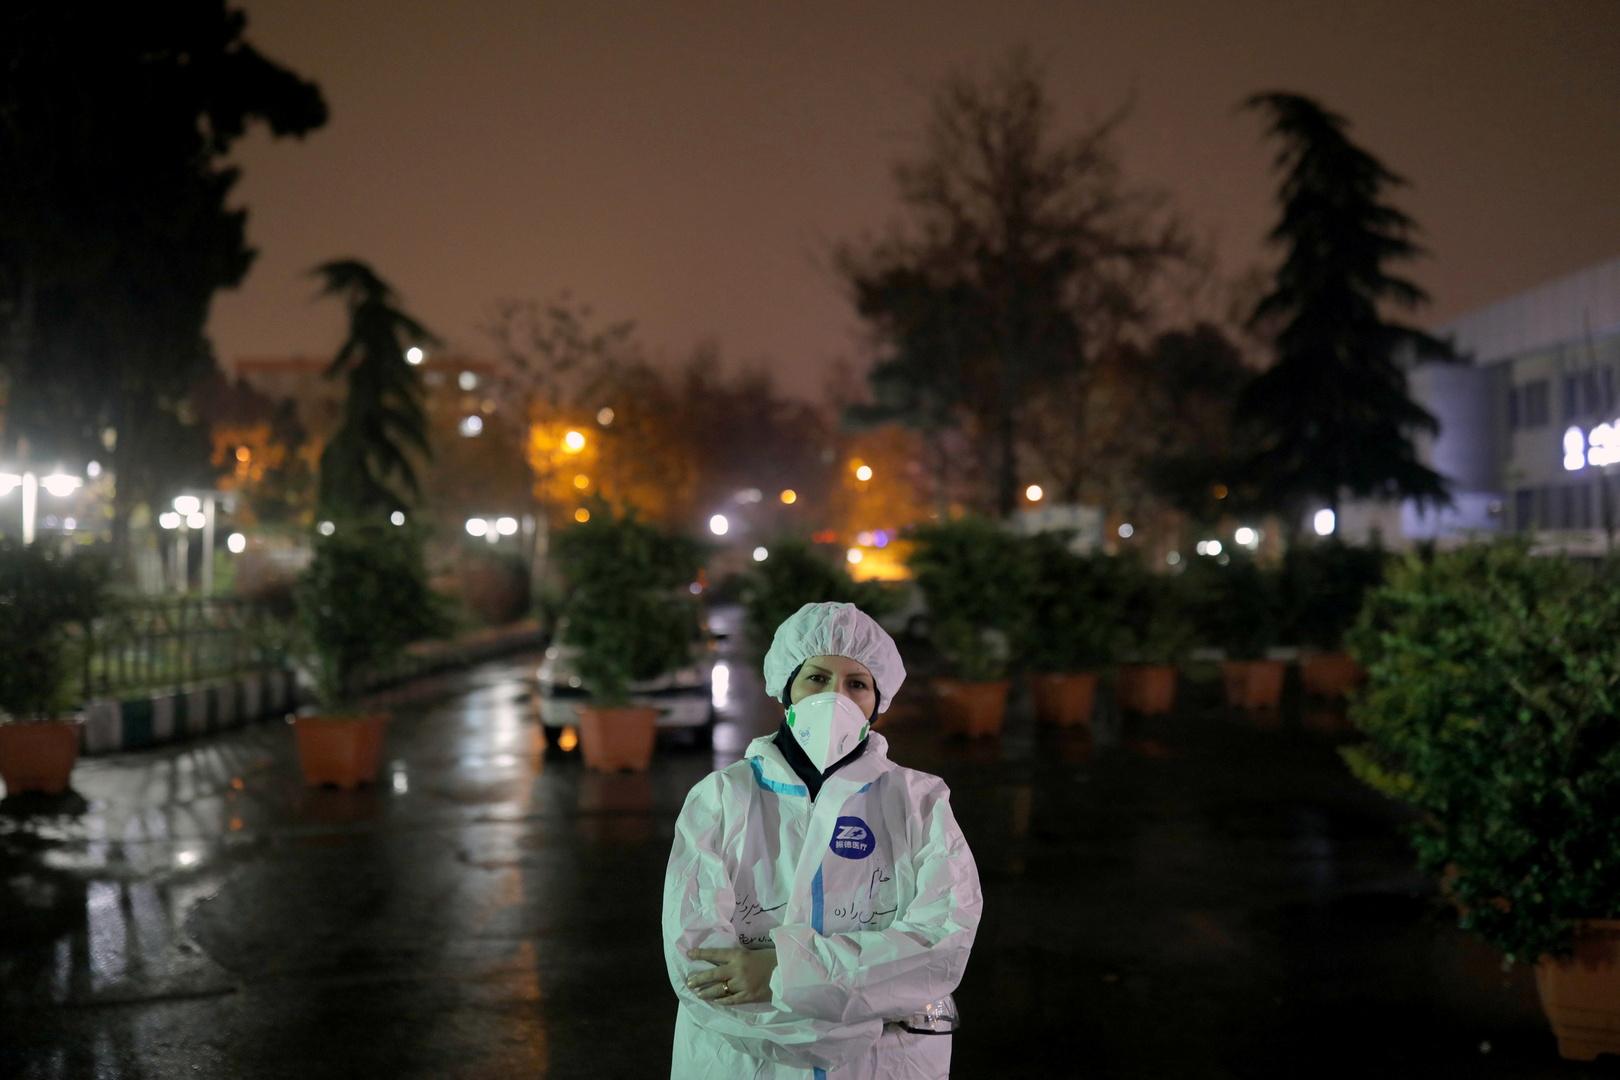 إيران: عدد وفيات كورونا انخفض والفيروس البريطاني أقوى من غيره